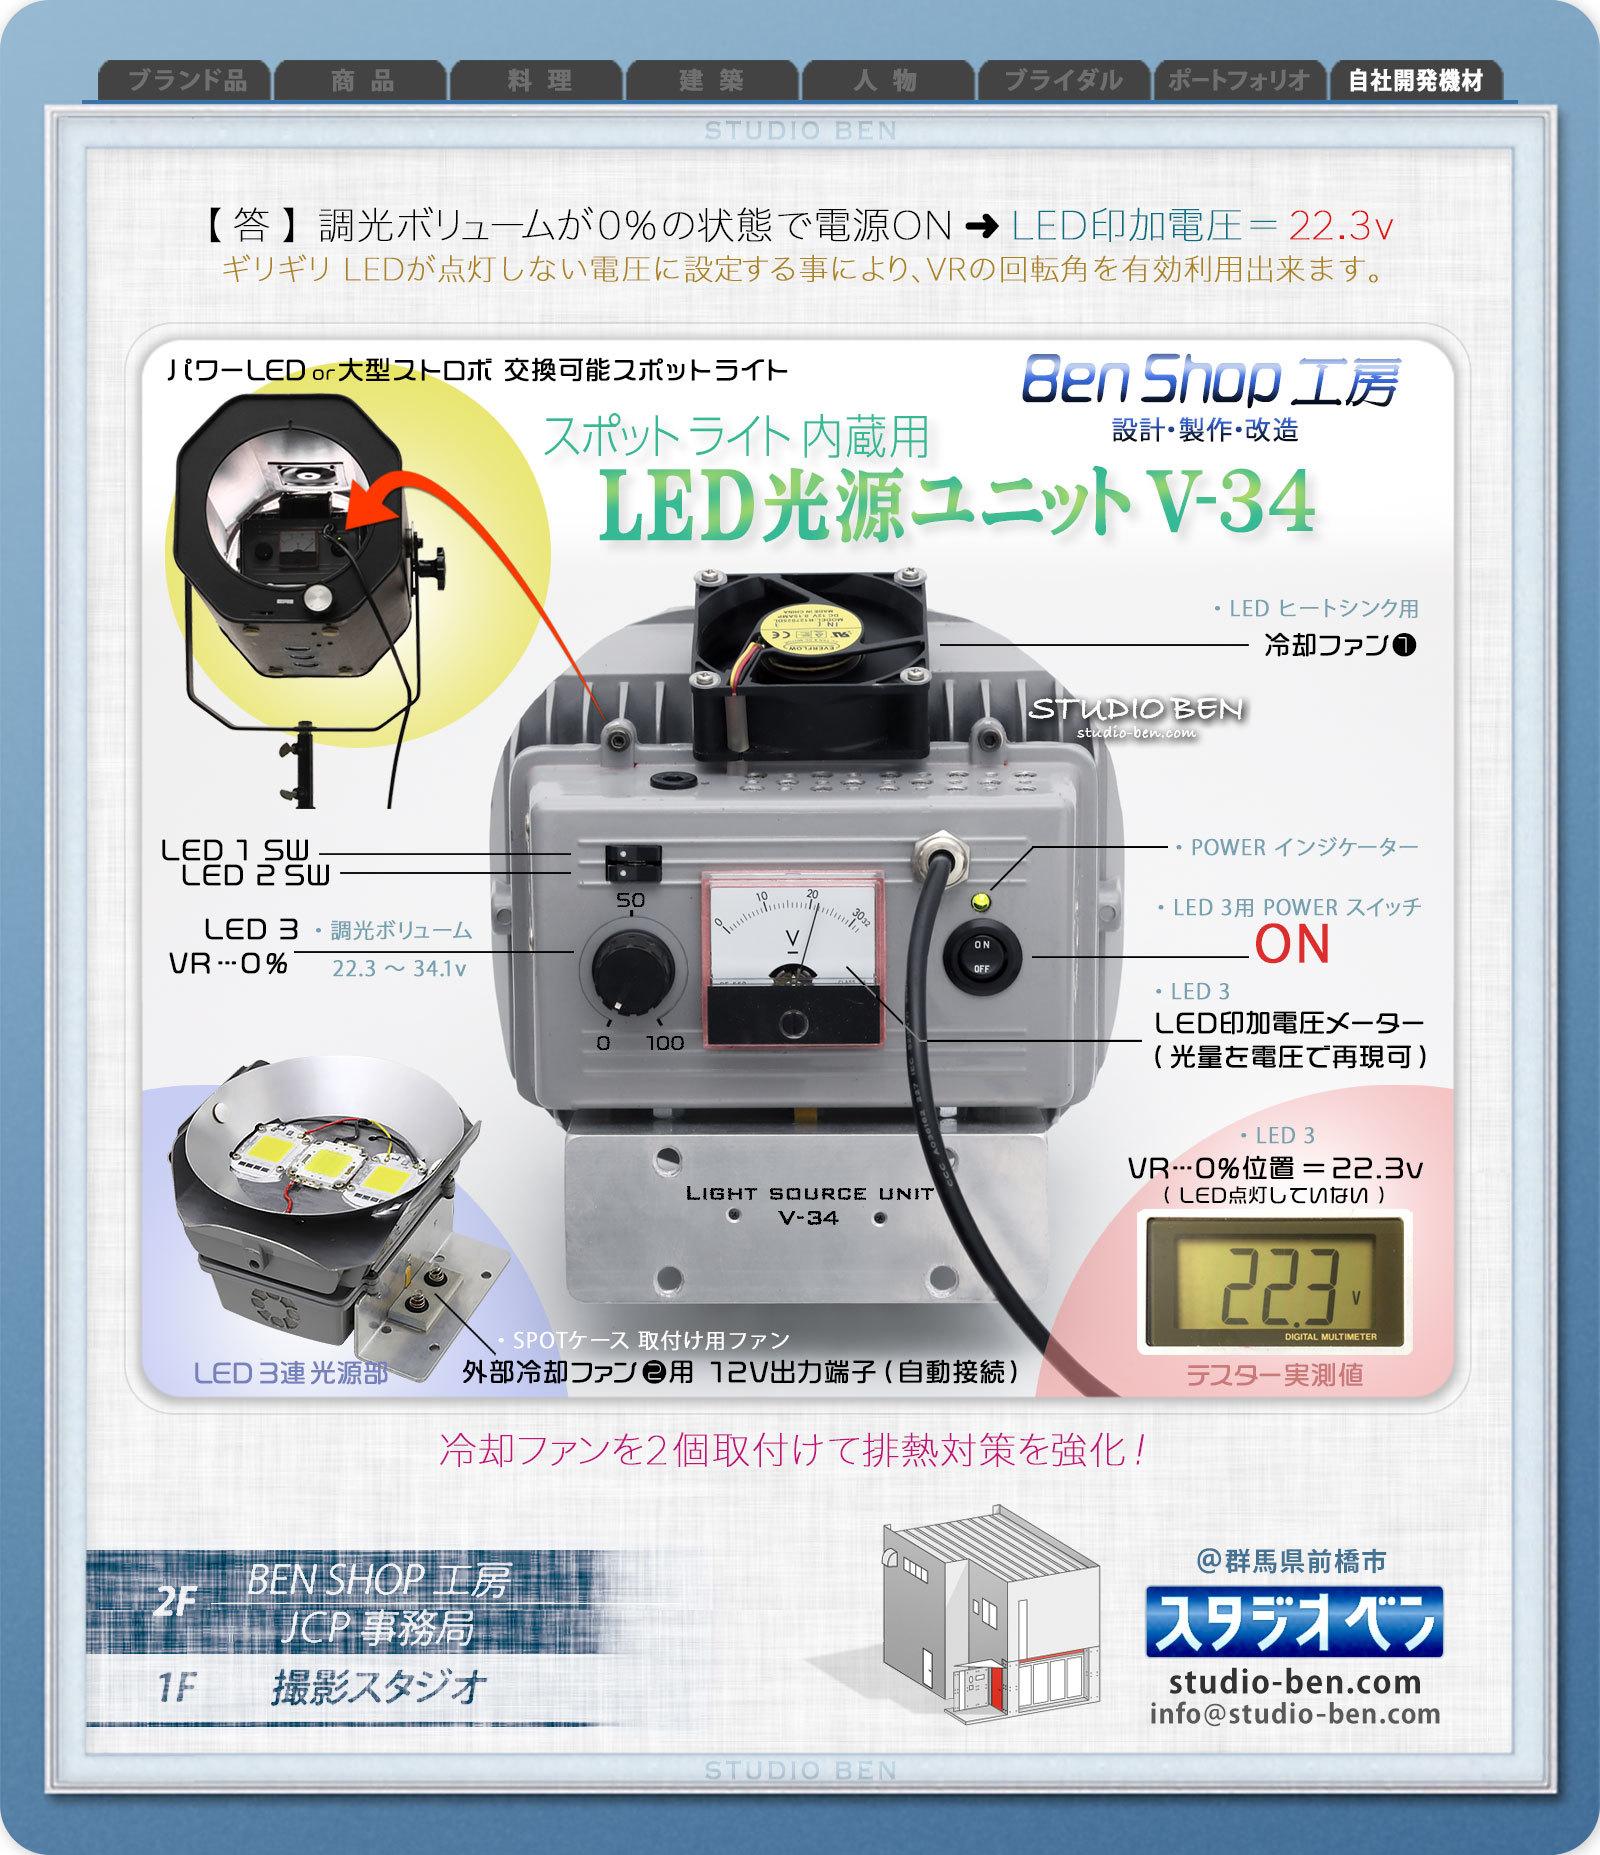 LED照明機材の改良 - No.⑩ / メインLED光源部の改良_c0210599_00224801.jpg